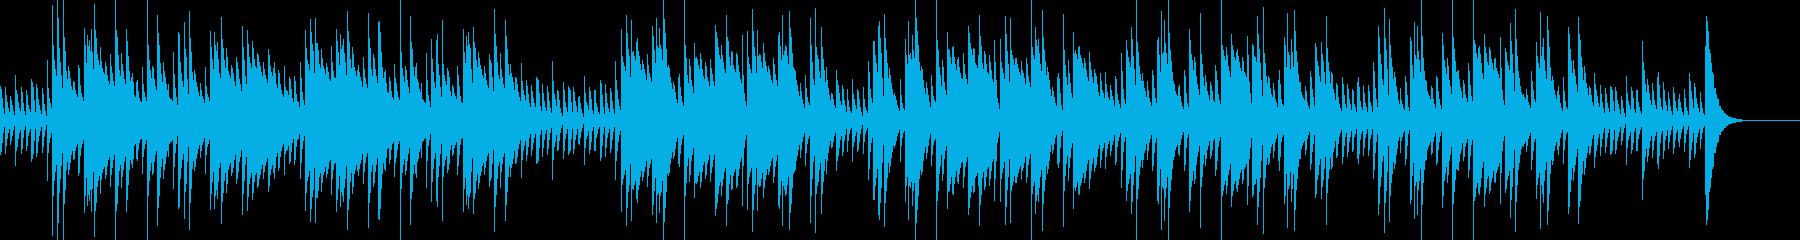 オルゴール調のアメイジング・グレイスの再生済みの波形